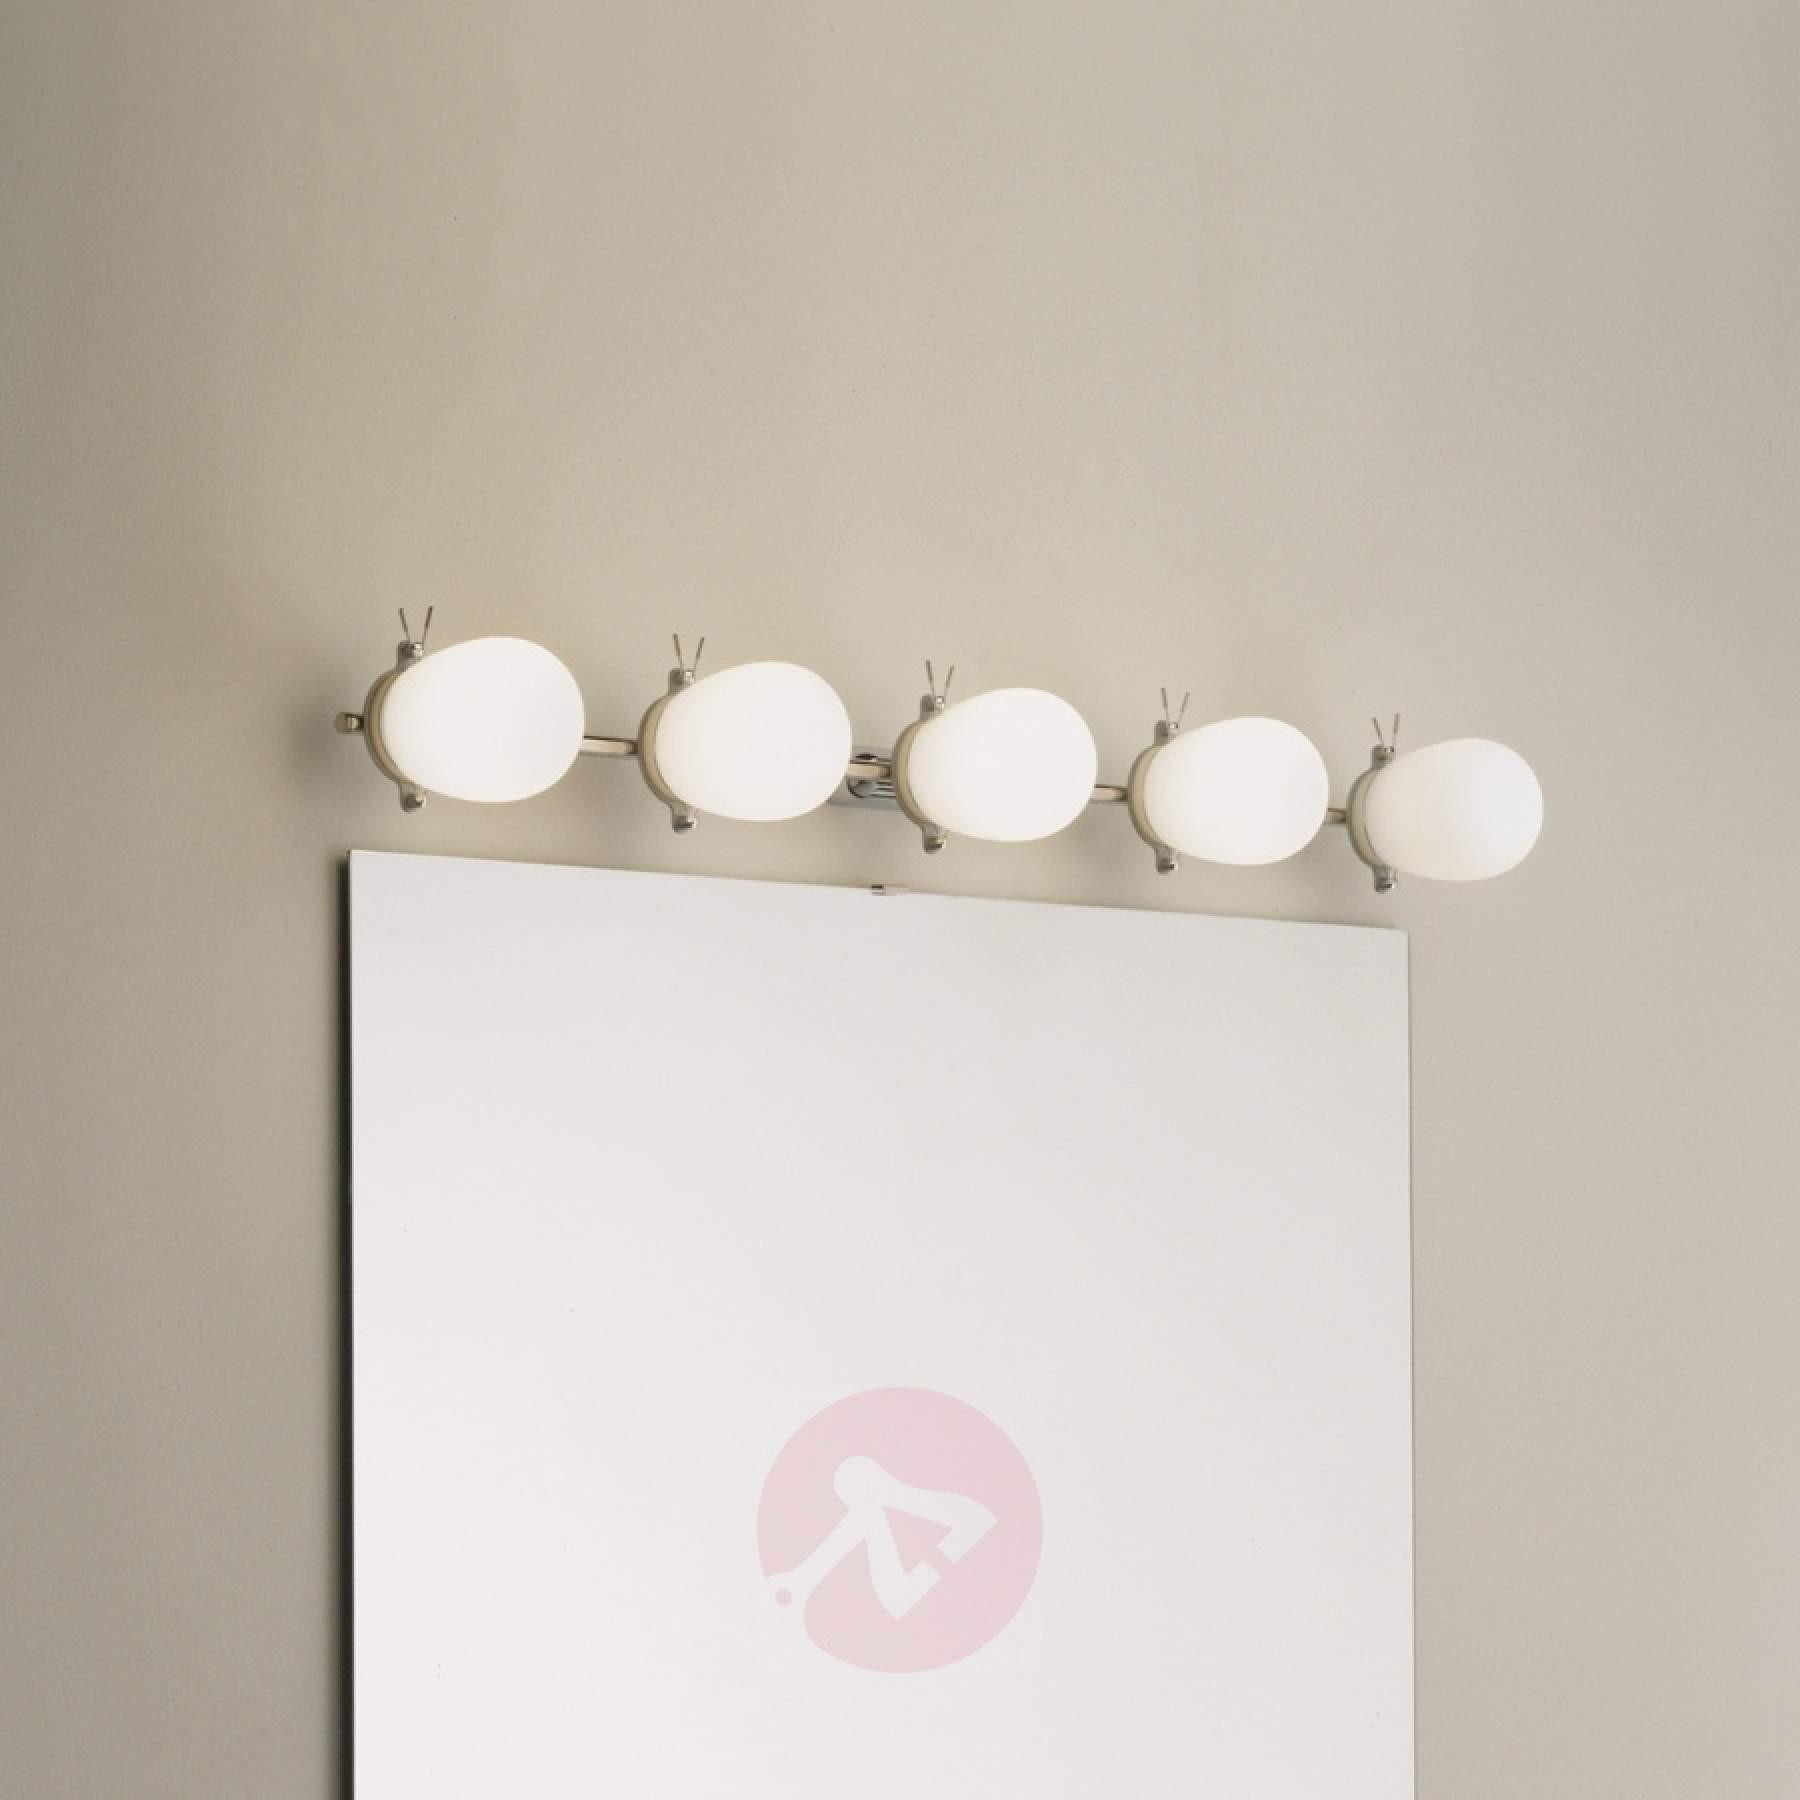 Badezimmer Wandleuchten  Formschöne Badezimmer Wandleuchte Bano kaufen